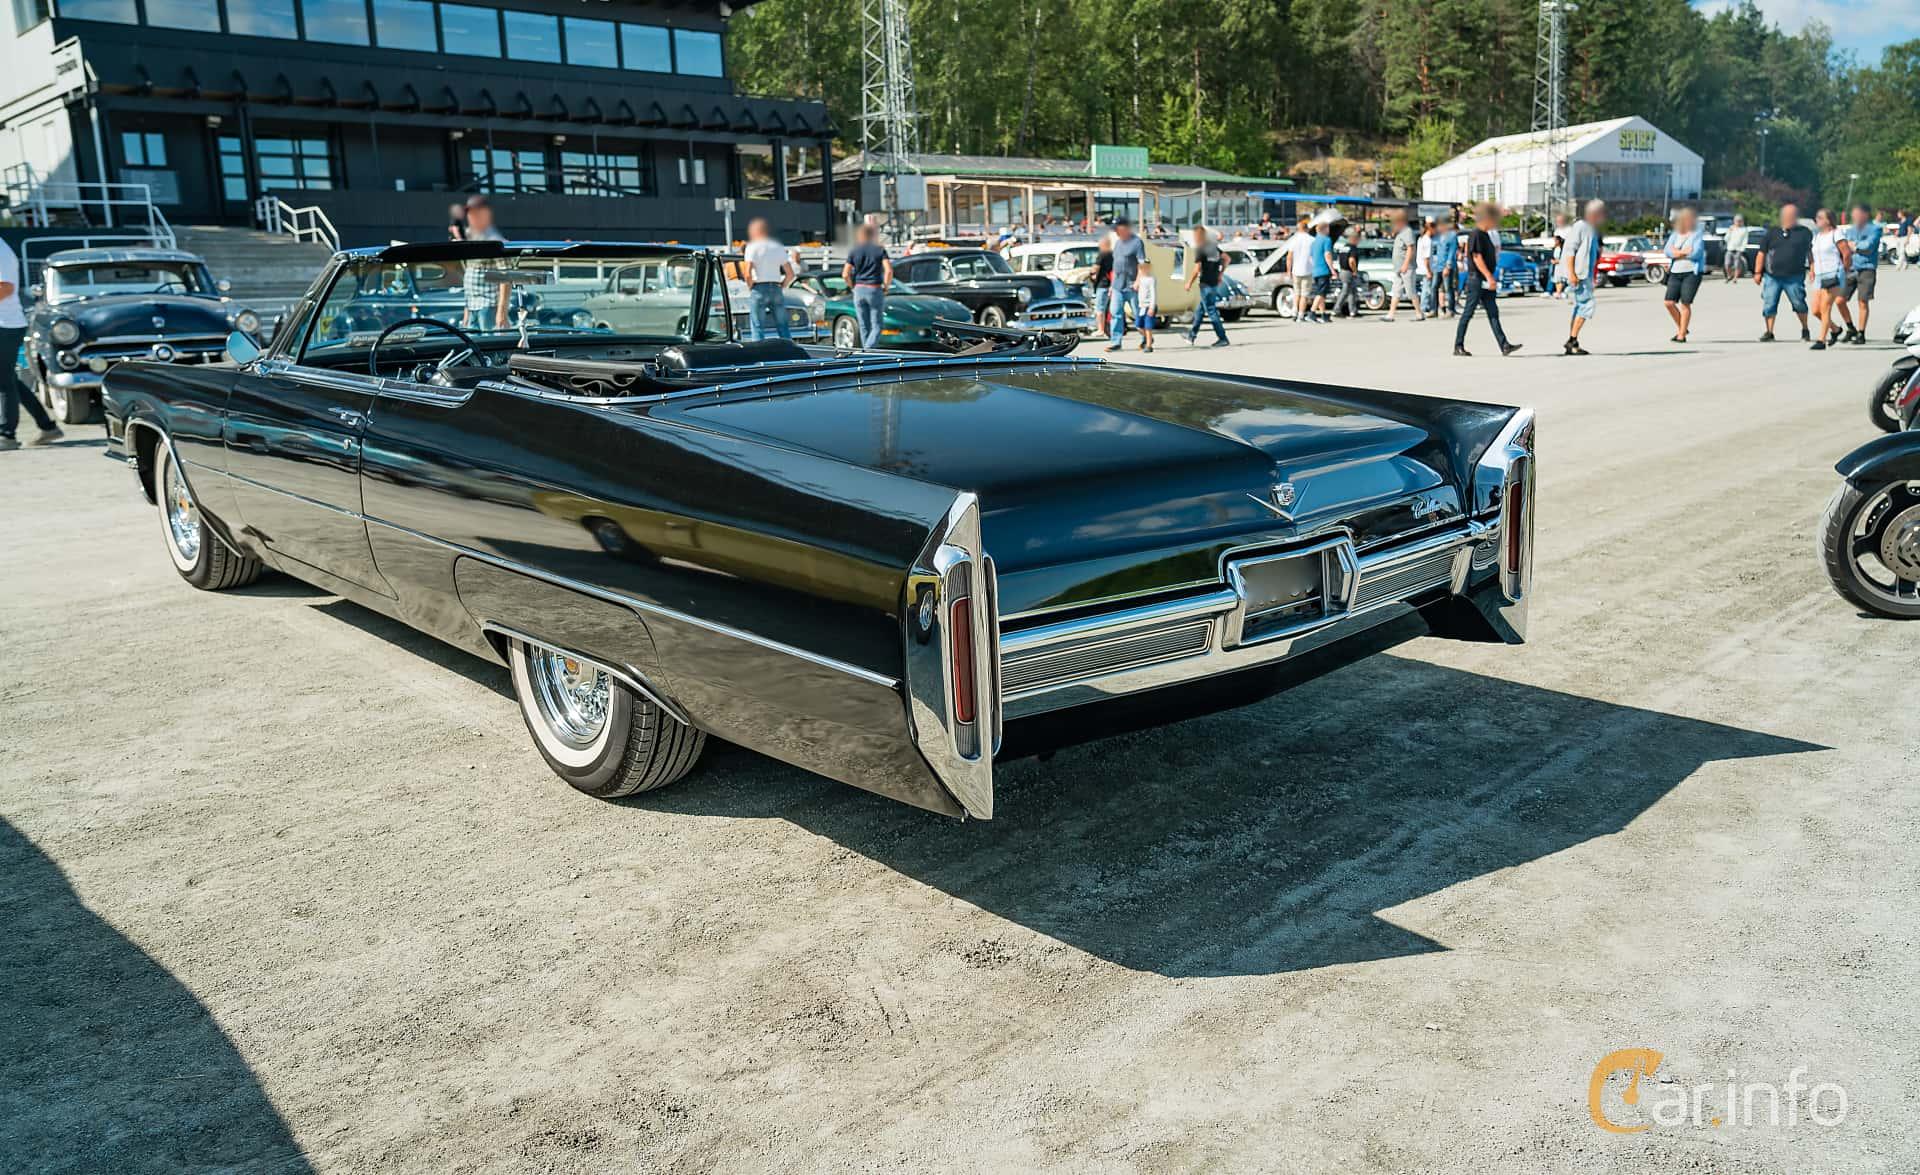 Cadillac De Ville Cabriolet 7.0 V8 OHV Hydra-Matic, 345hk, 1966 at Stockholm Vintage & Sports Car meet 2019